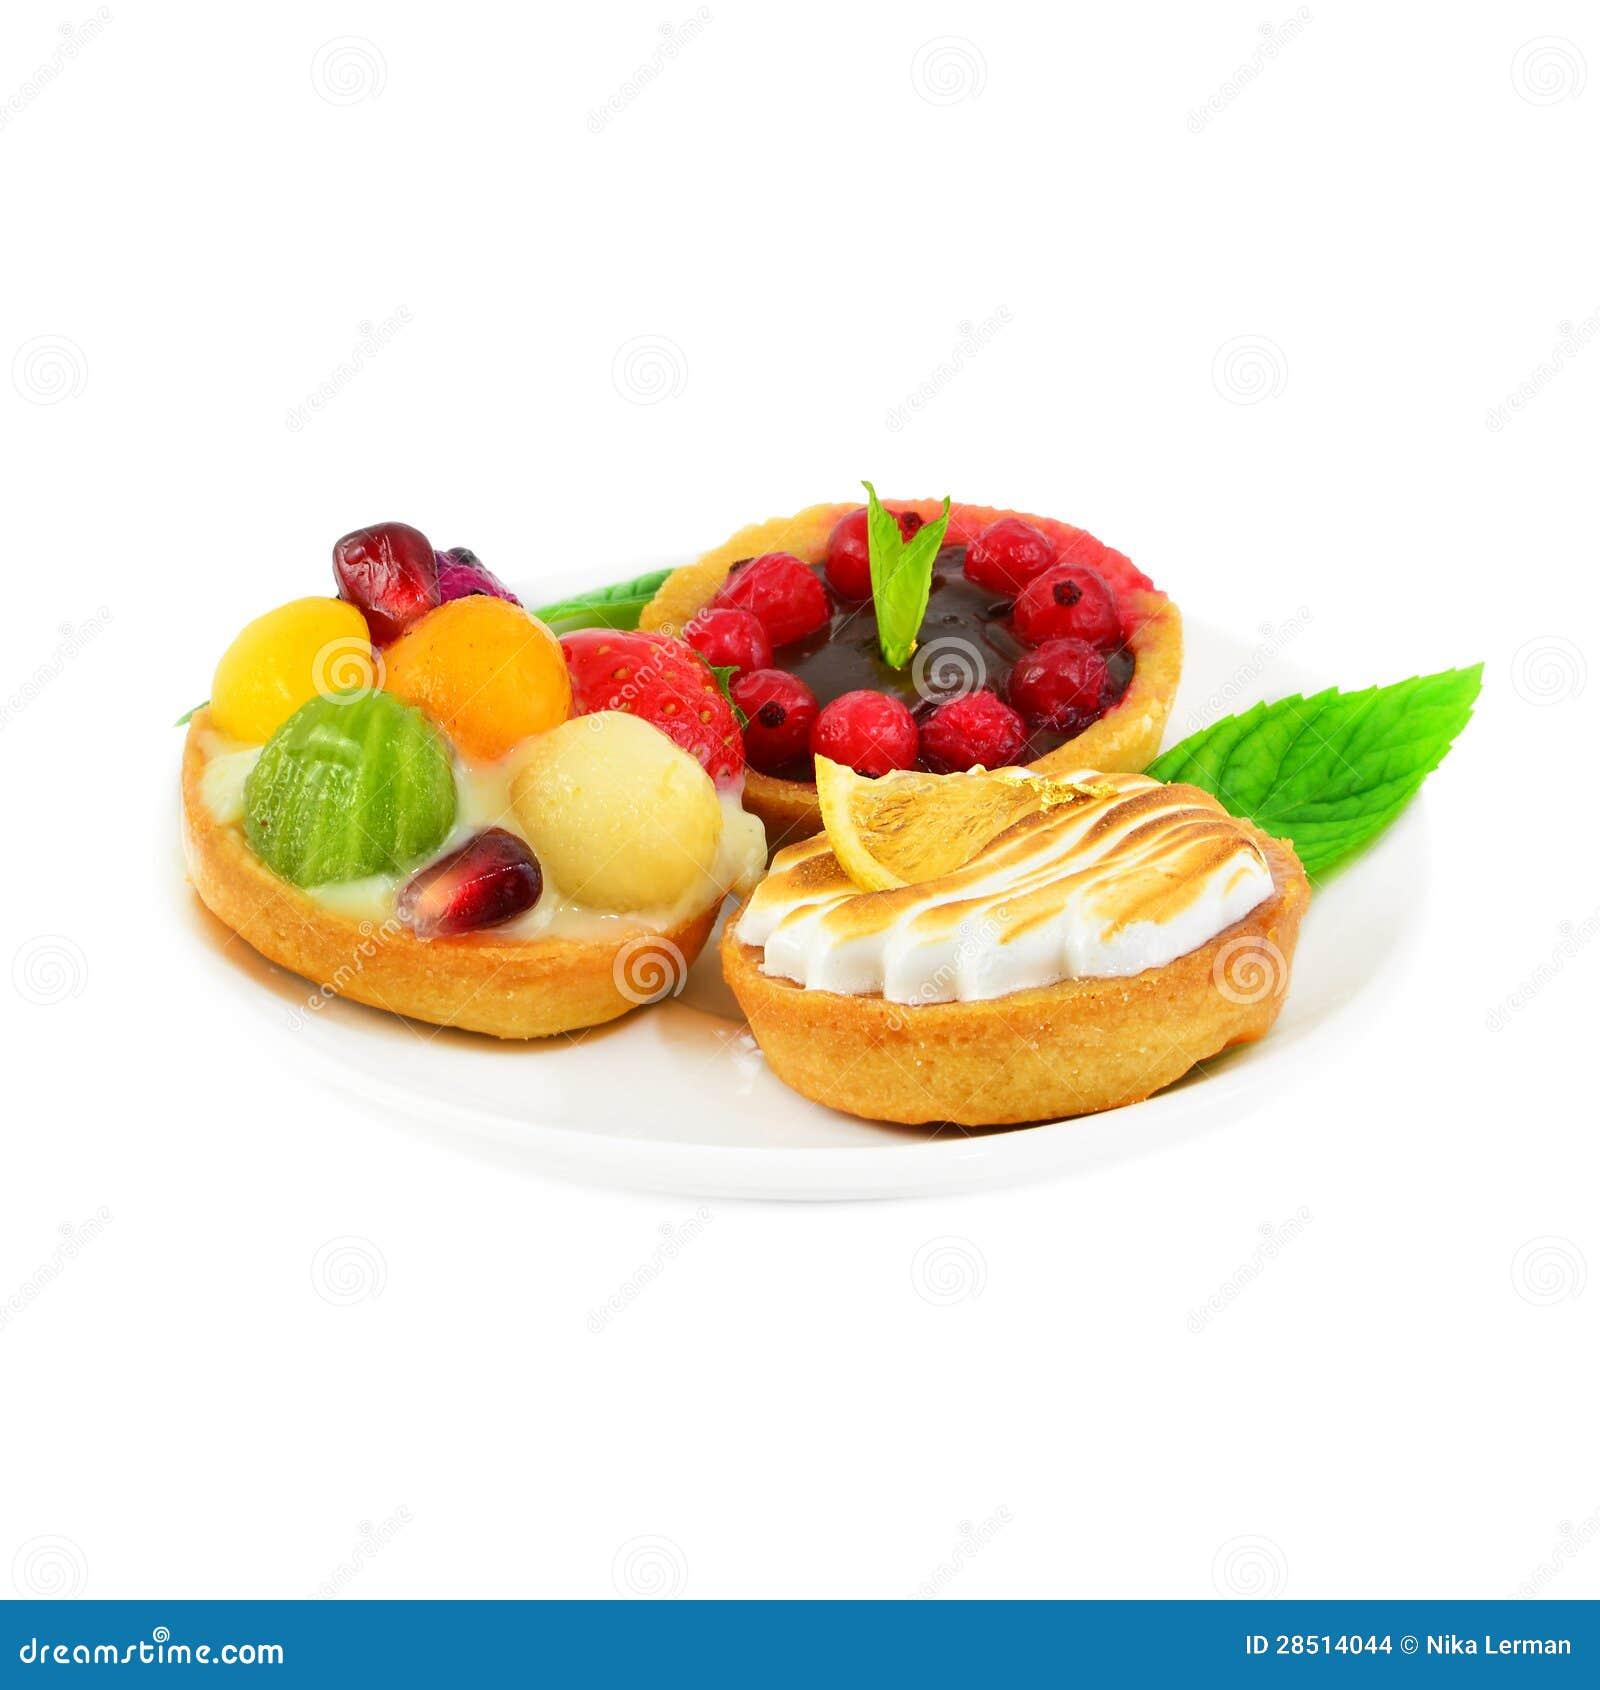 kleine kuchen mit frucht und sahne stockfoto bild von. Black Bedroom Furniture Sets. Home Design Ideas